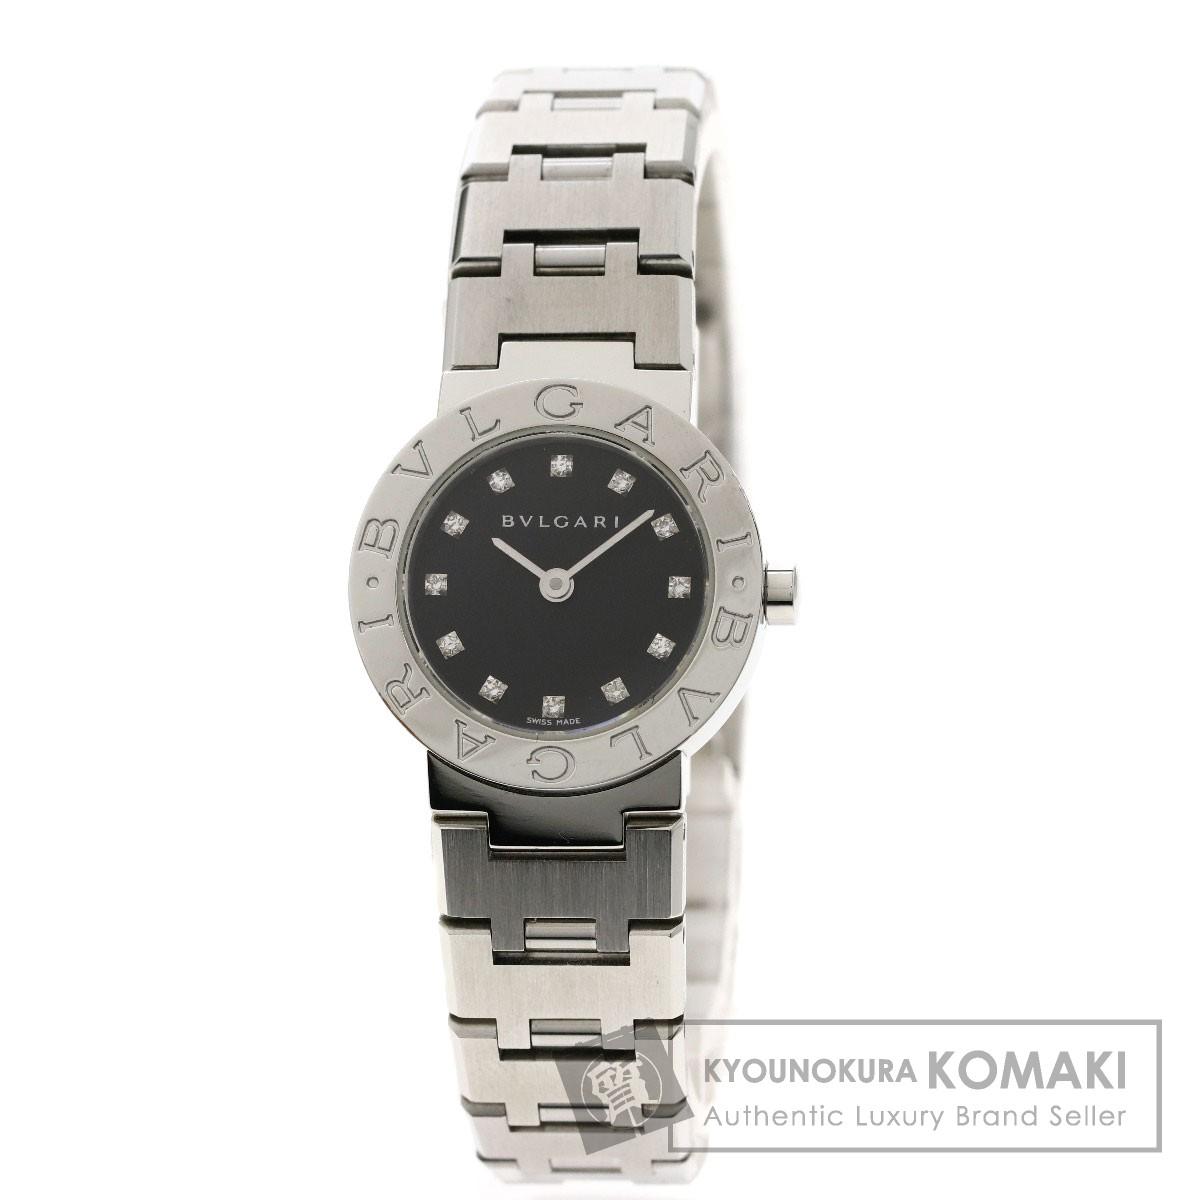 ブルガリ BB23SS ブルガリブルガリ 12Pダイヤモンド 腕時計 ステンレススチール/SS レディース 【中古】【BVLGARI】